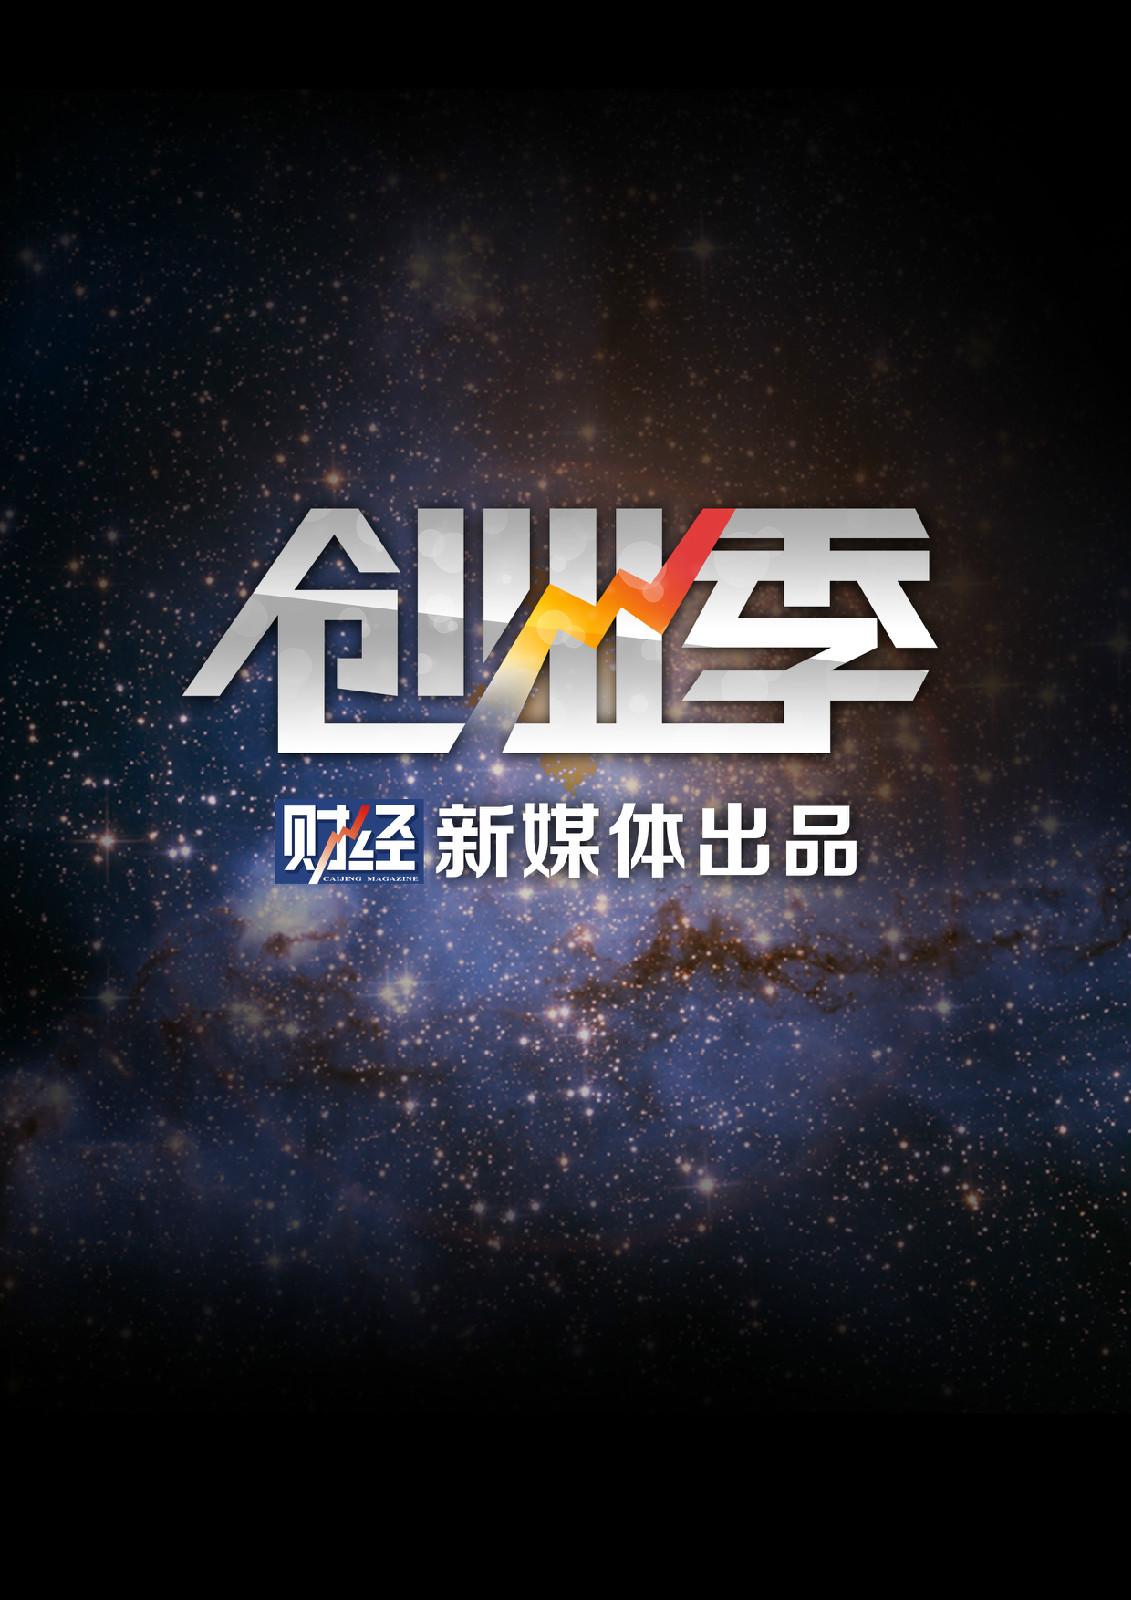 中国比较出名的财经节目有哪些。